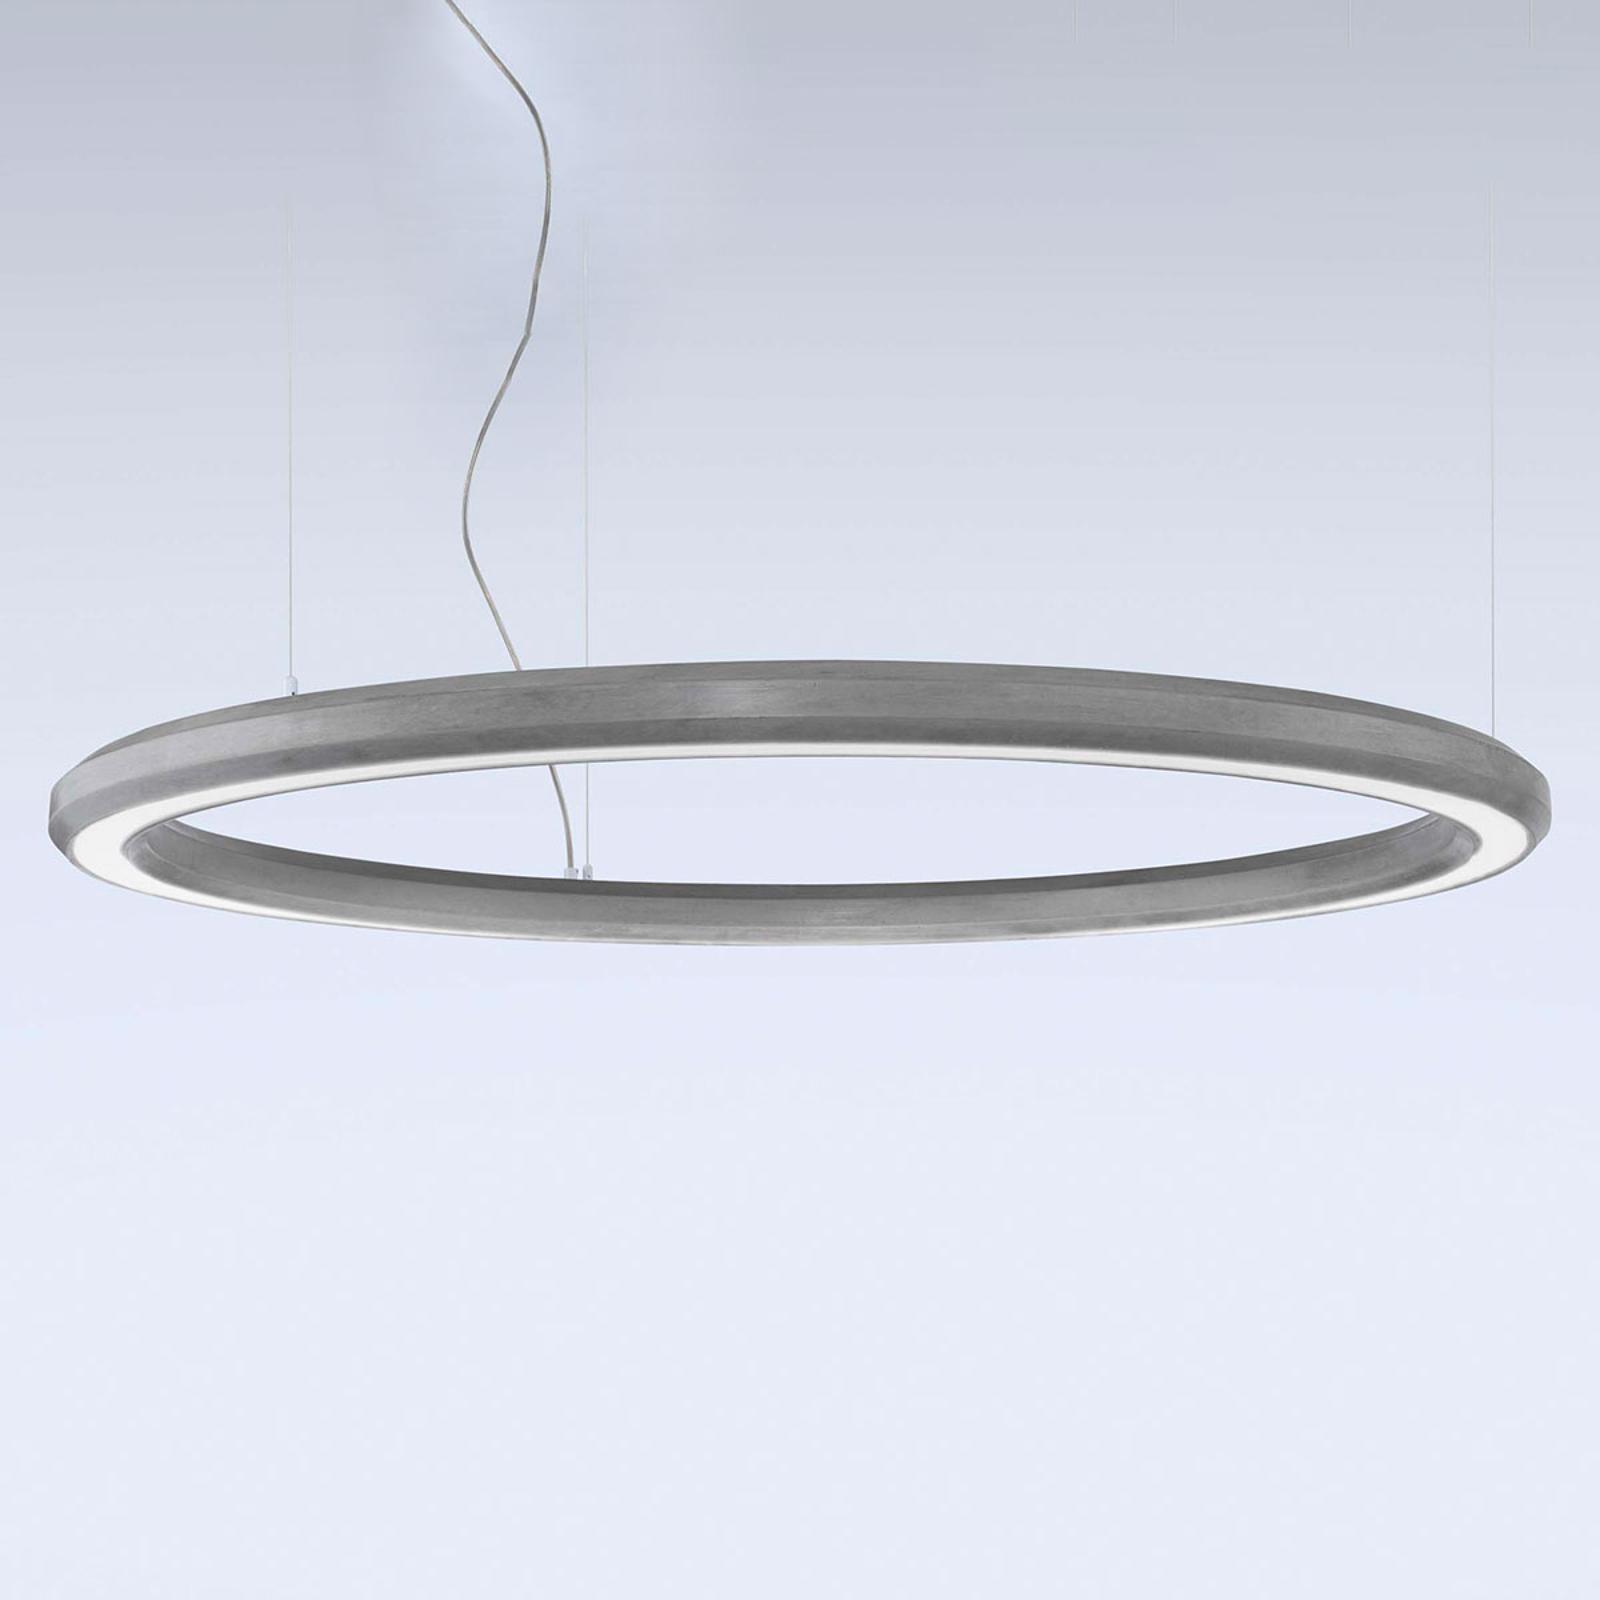 LED hanglamp Materica onder Ø 120 cm beton